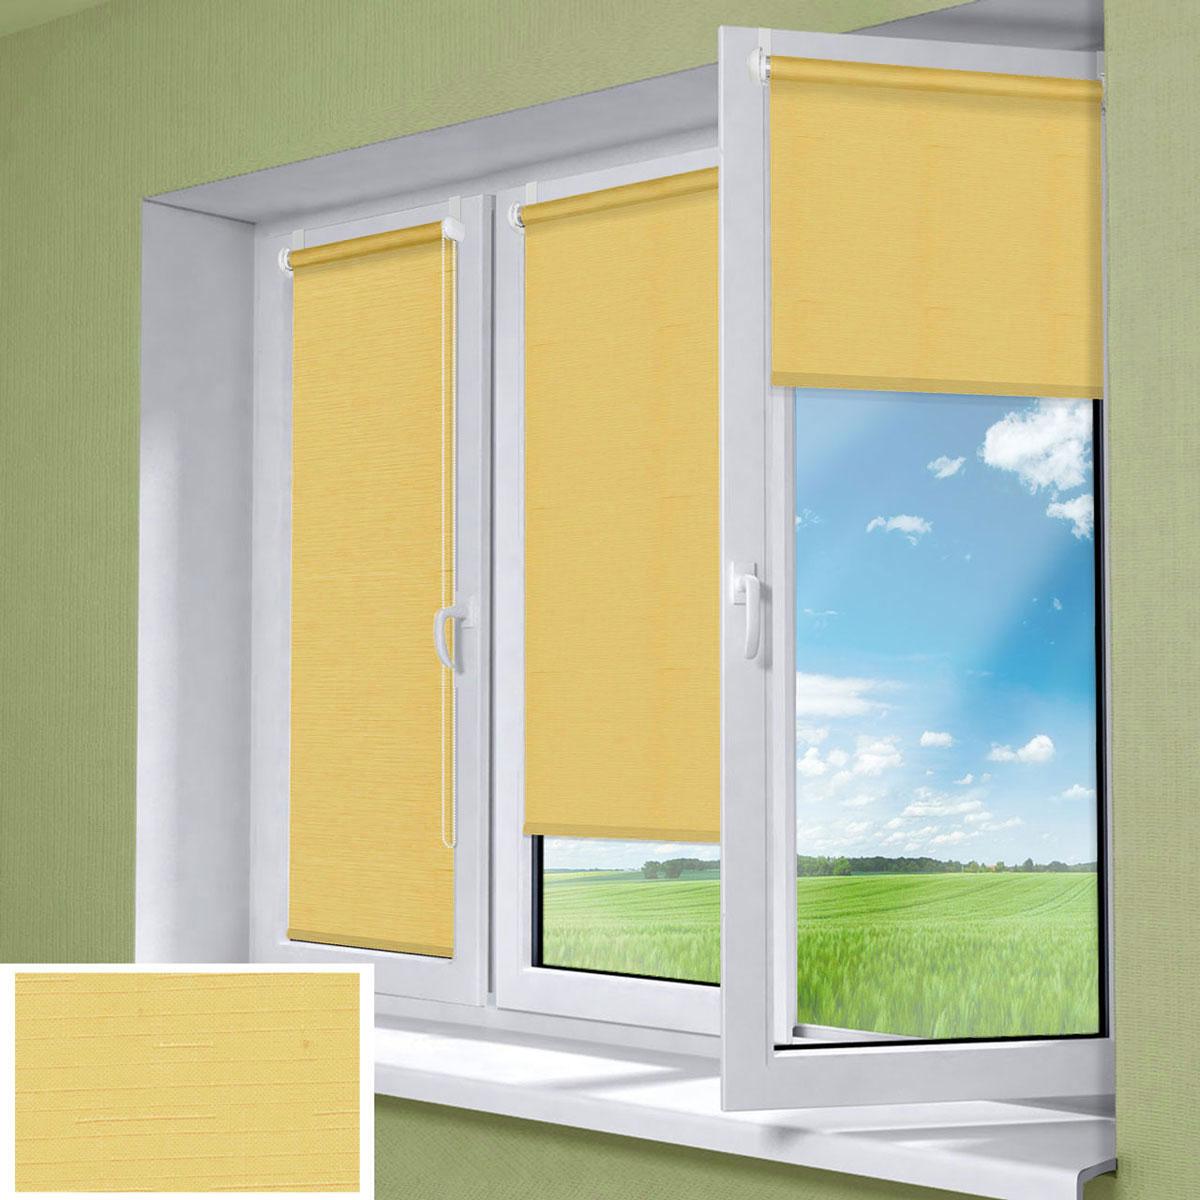 Миниролло KauffOrt 68х170 см, цвет: ярко-желтый